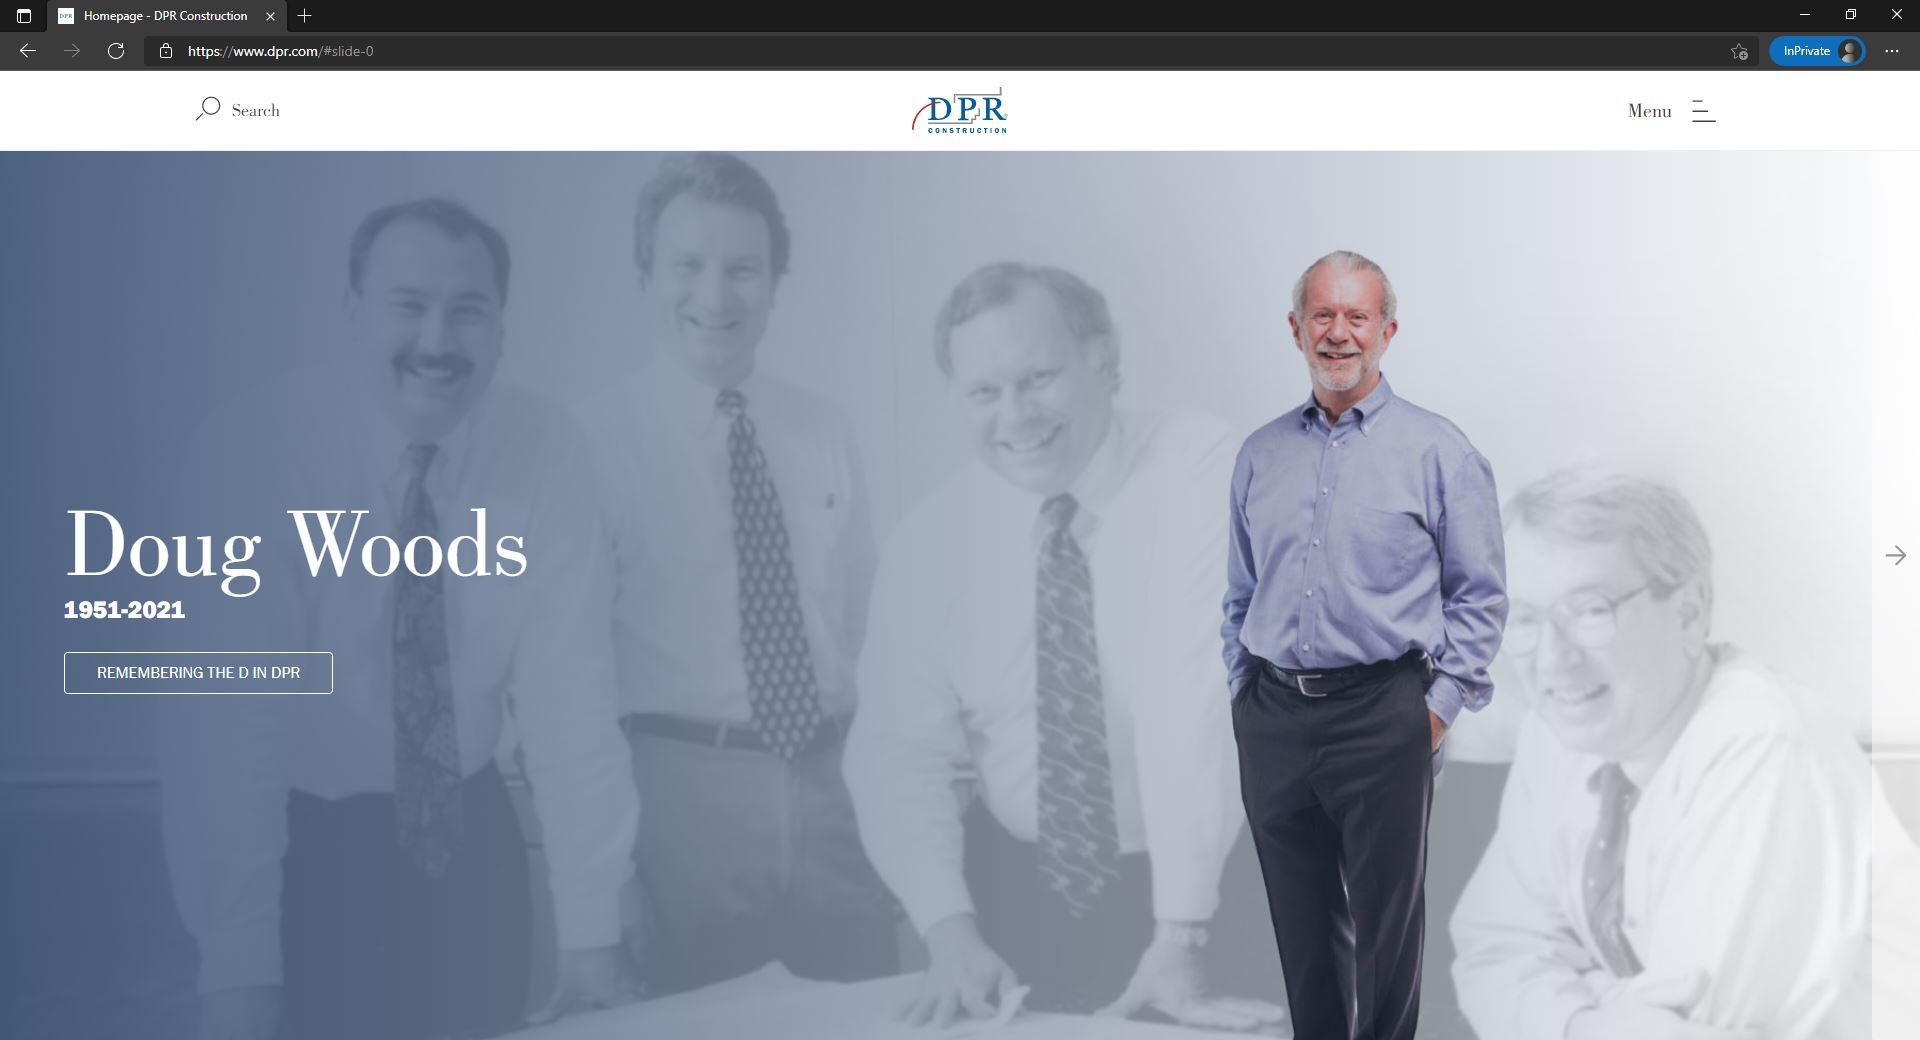 DPR website homepage